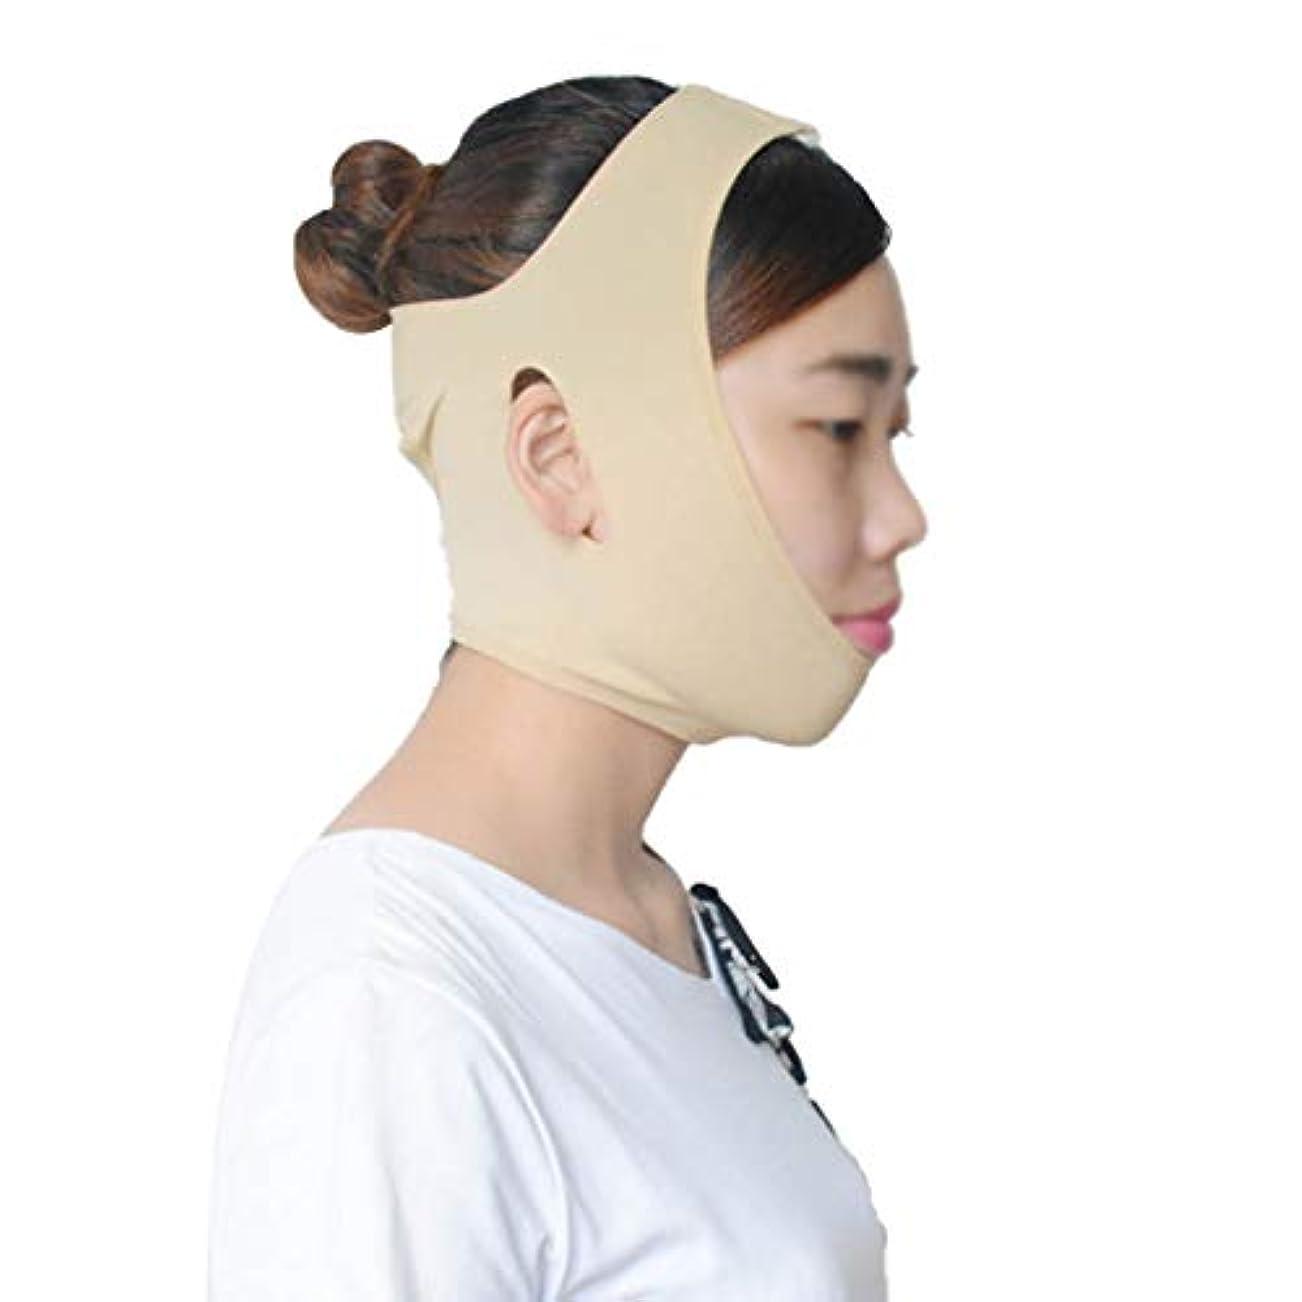 赤外線アートジャンル引き締めフェイスマスク、フェイスリフトマスク強力なフェイスリフティングツールフェイスビューティフェイスリフティングフェイスマスク引き締めフェイスリフティングフェイスリフティングフェイスリフティング包帯 (Size : L)